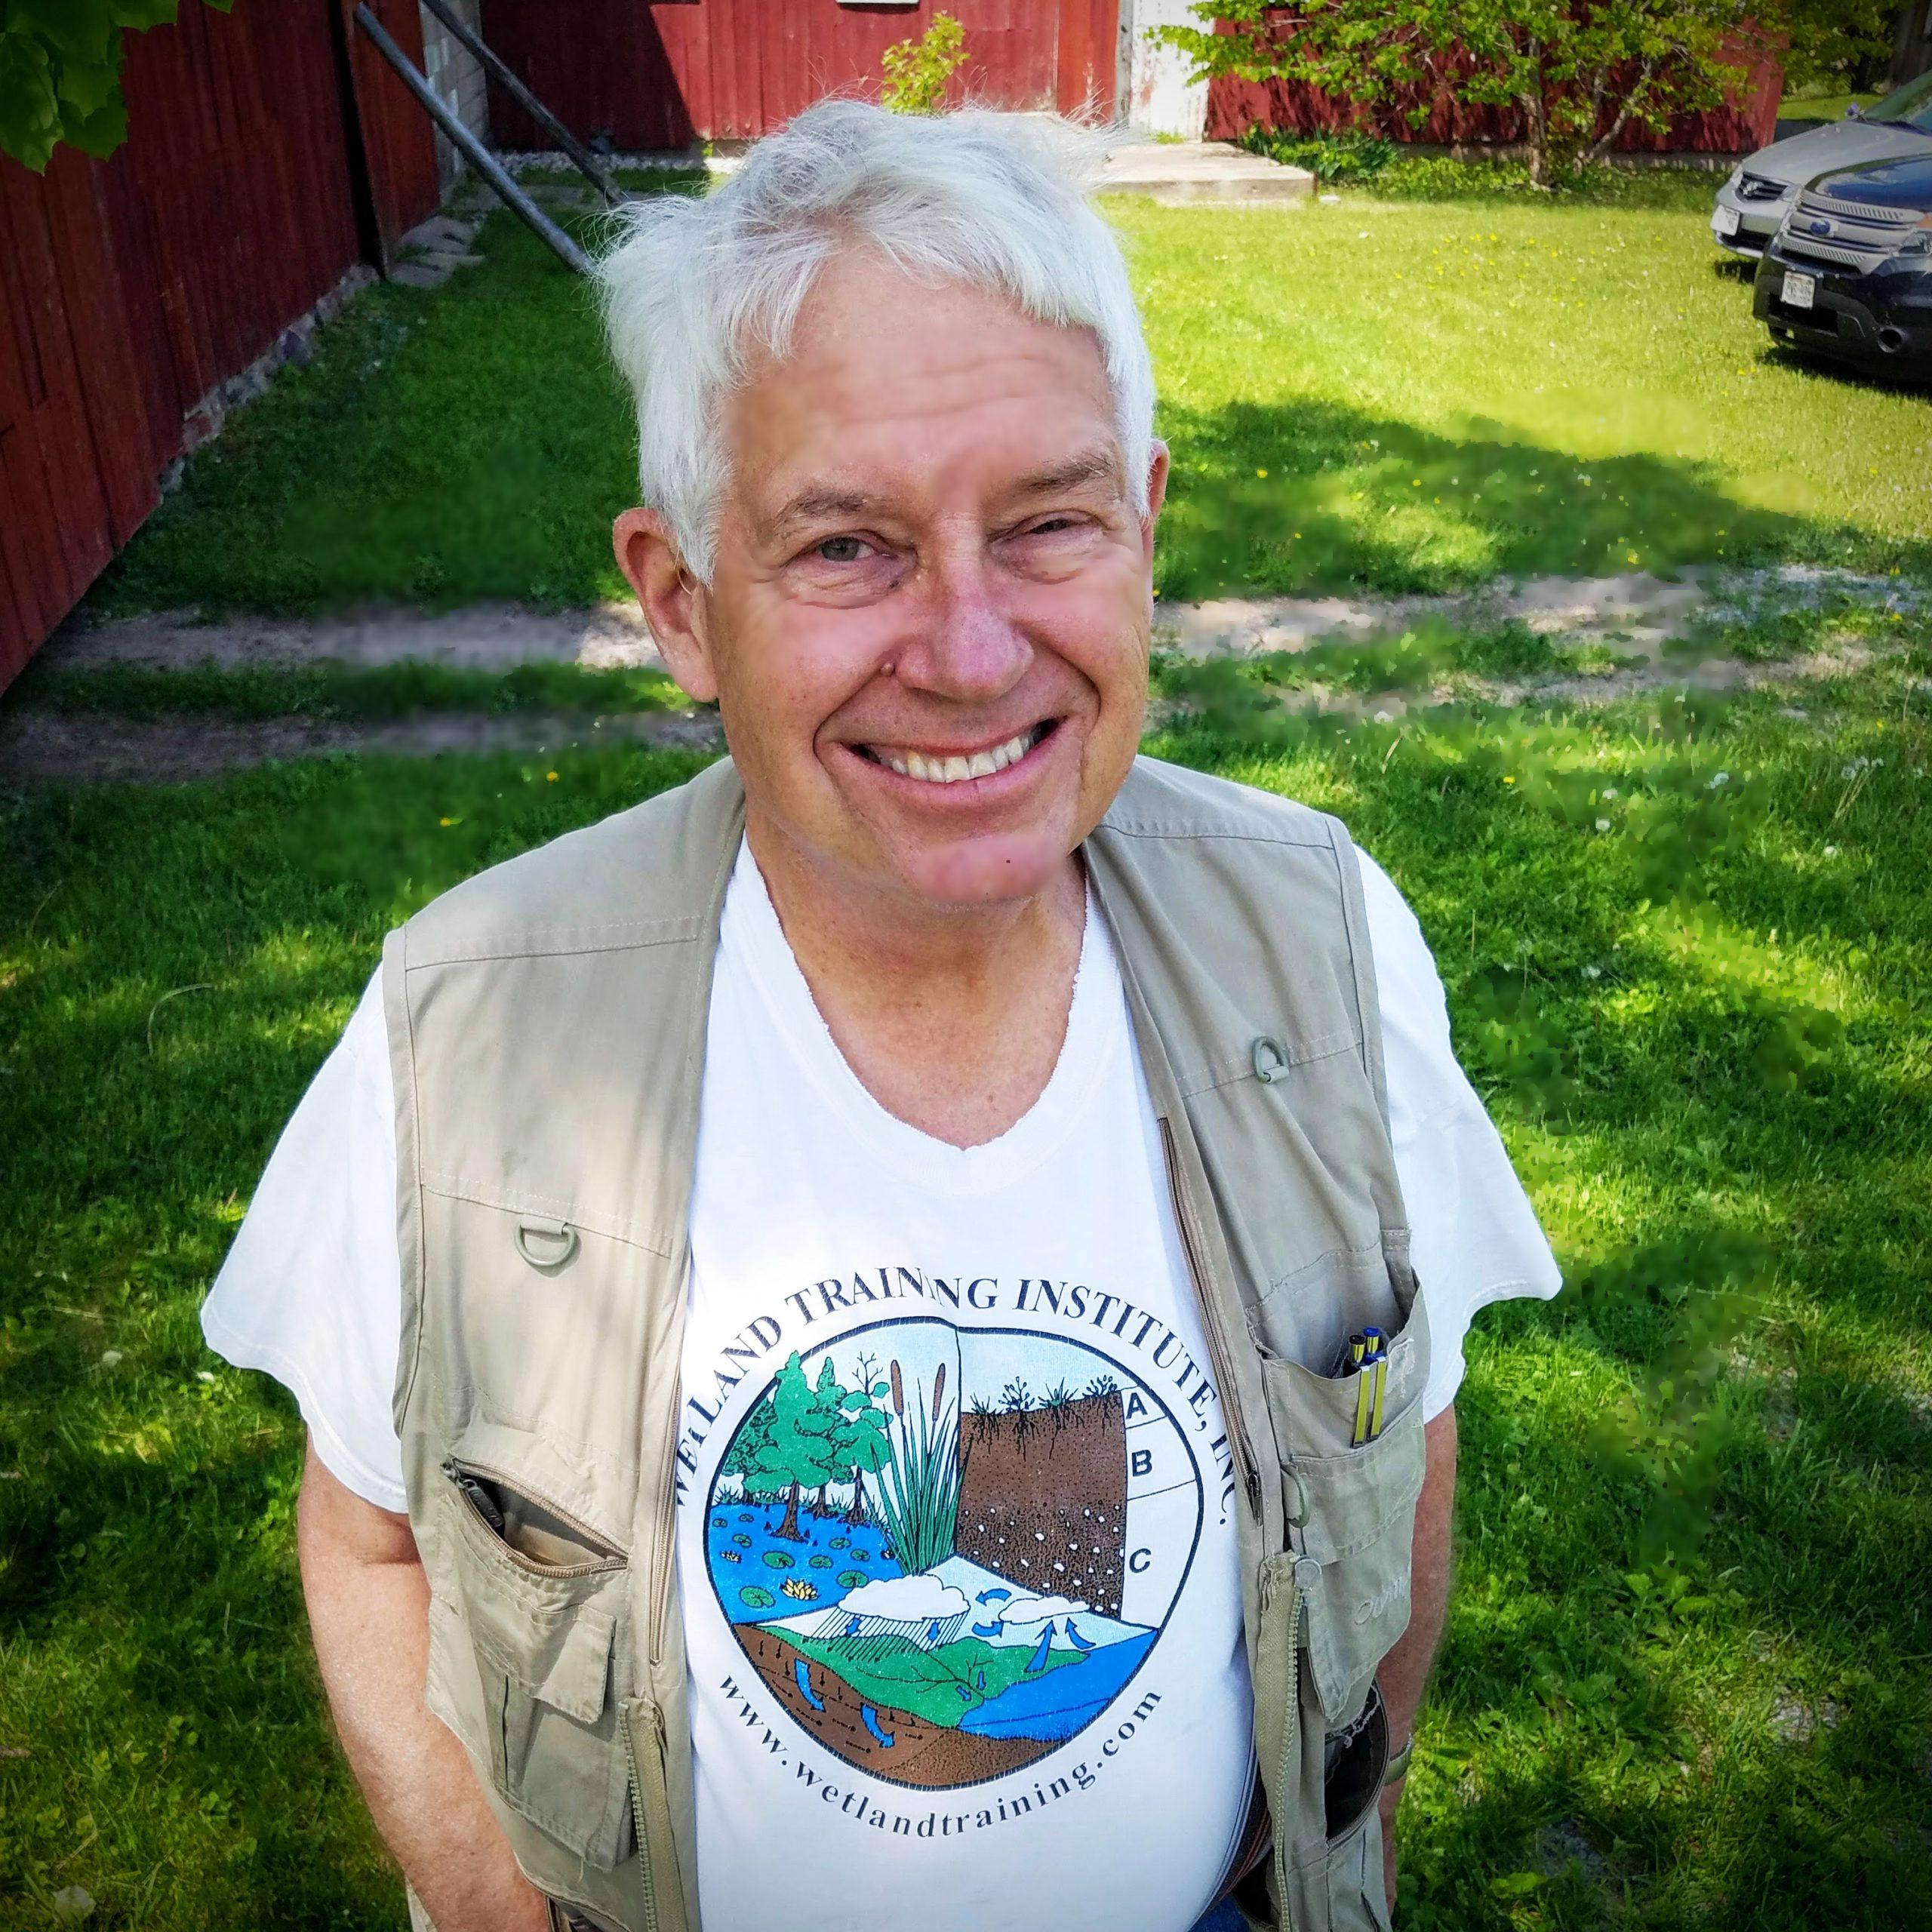 Charles J. Newling, PWS, CWB